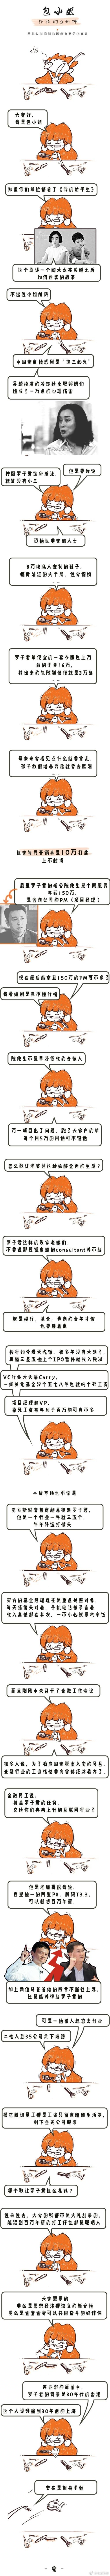 baoxiaojie